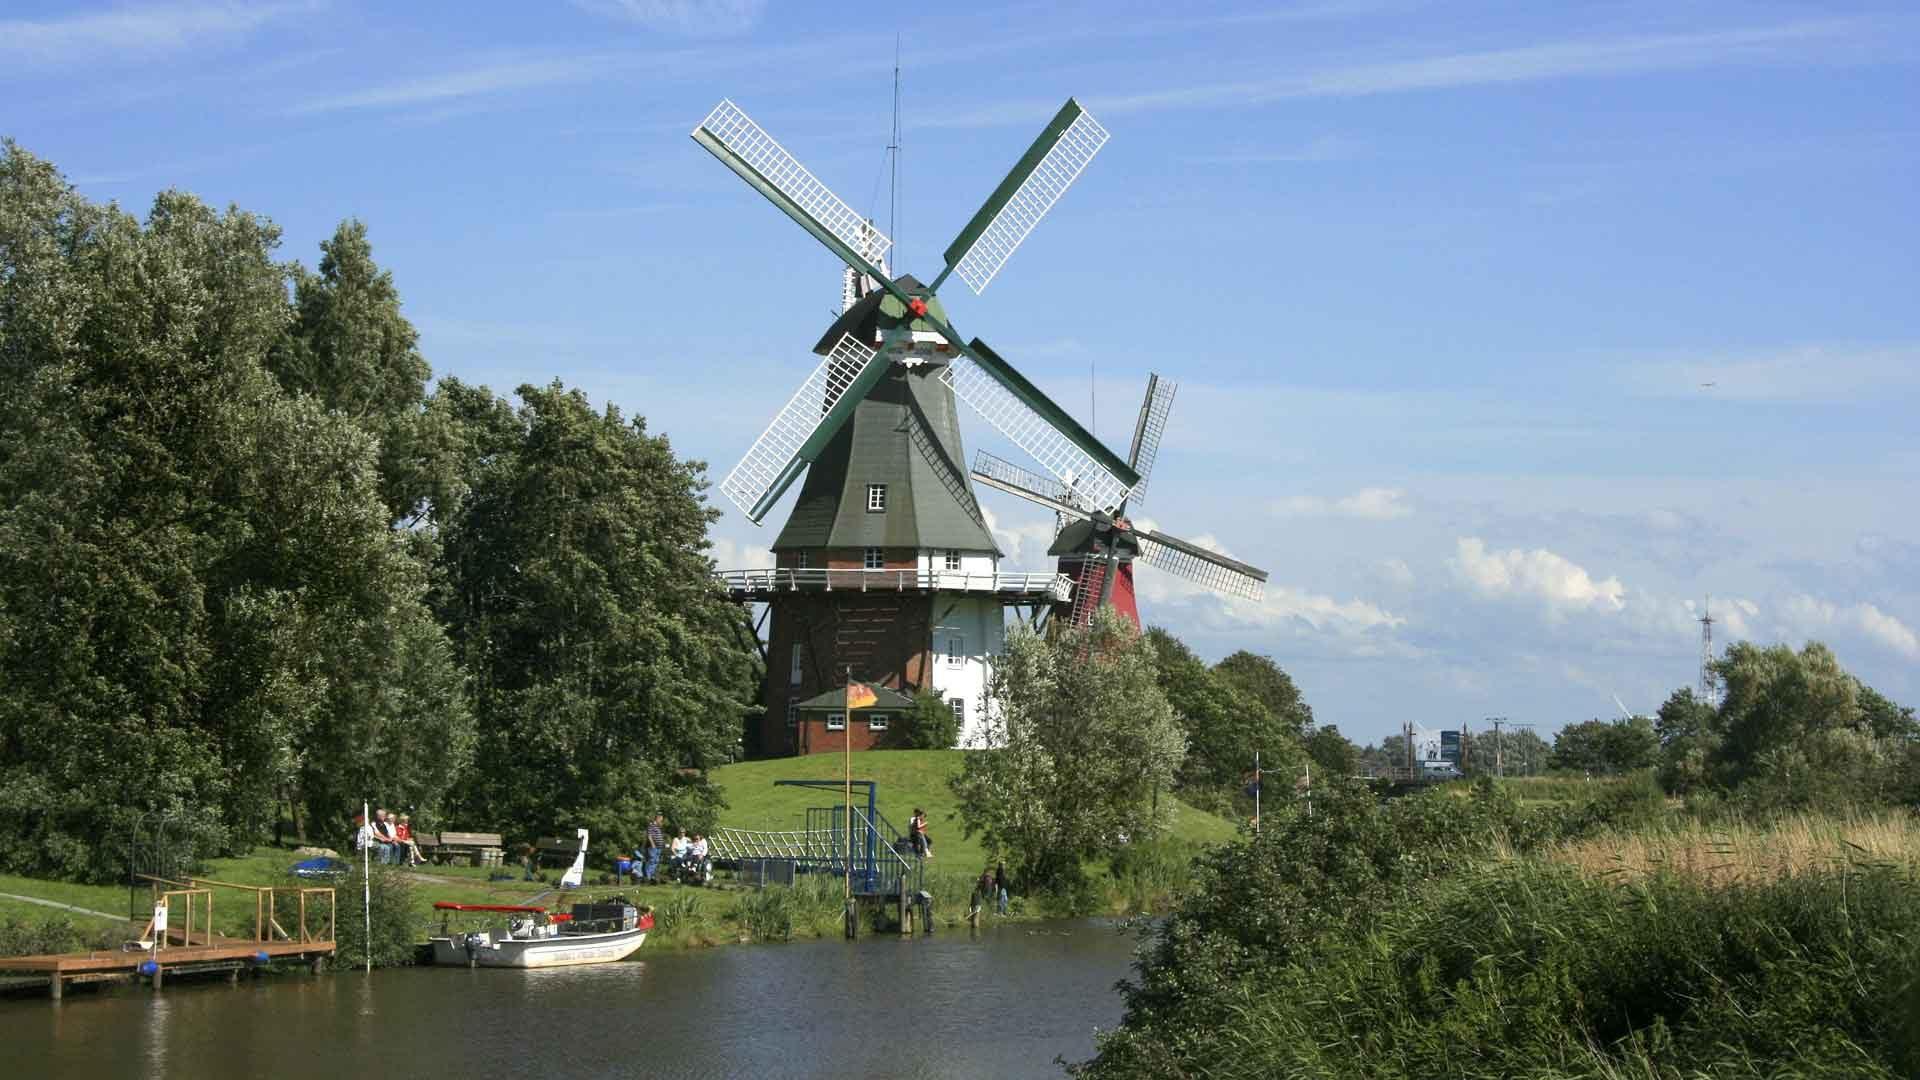 Fietsen langs weilanden, kanalen en molens in Ostfriesland.